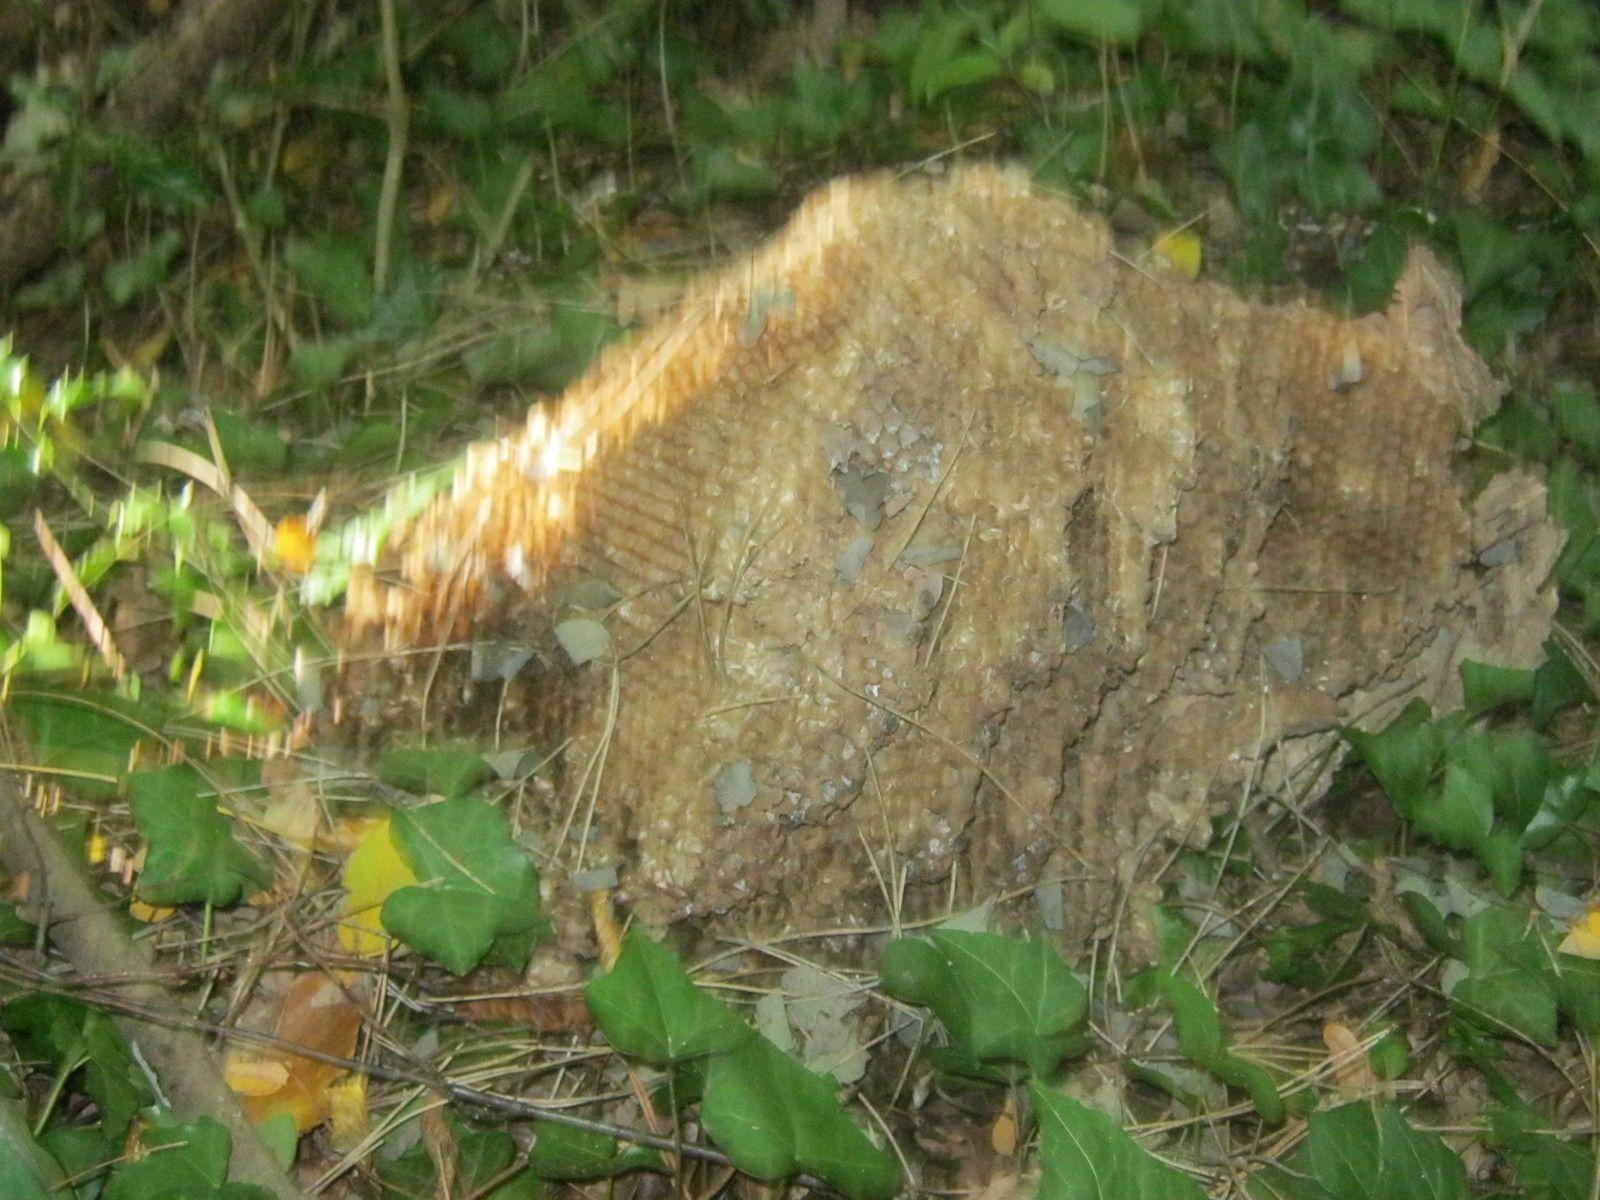 nid de frelons asiatiques tombés sur le sol et trou de renard